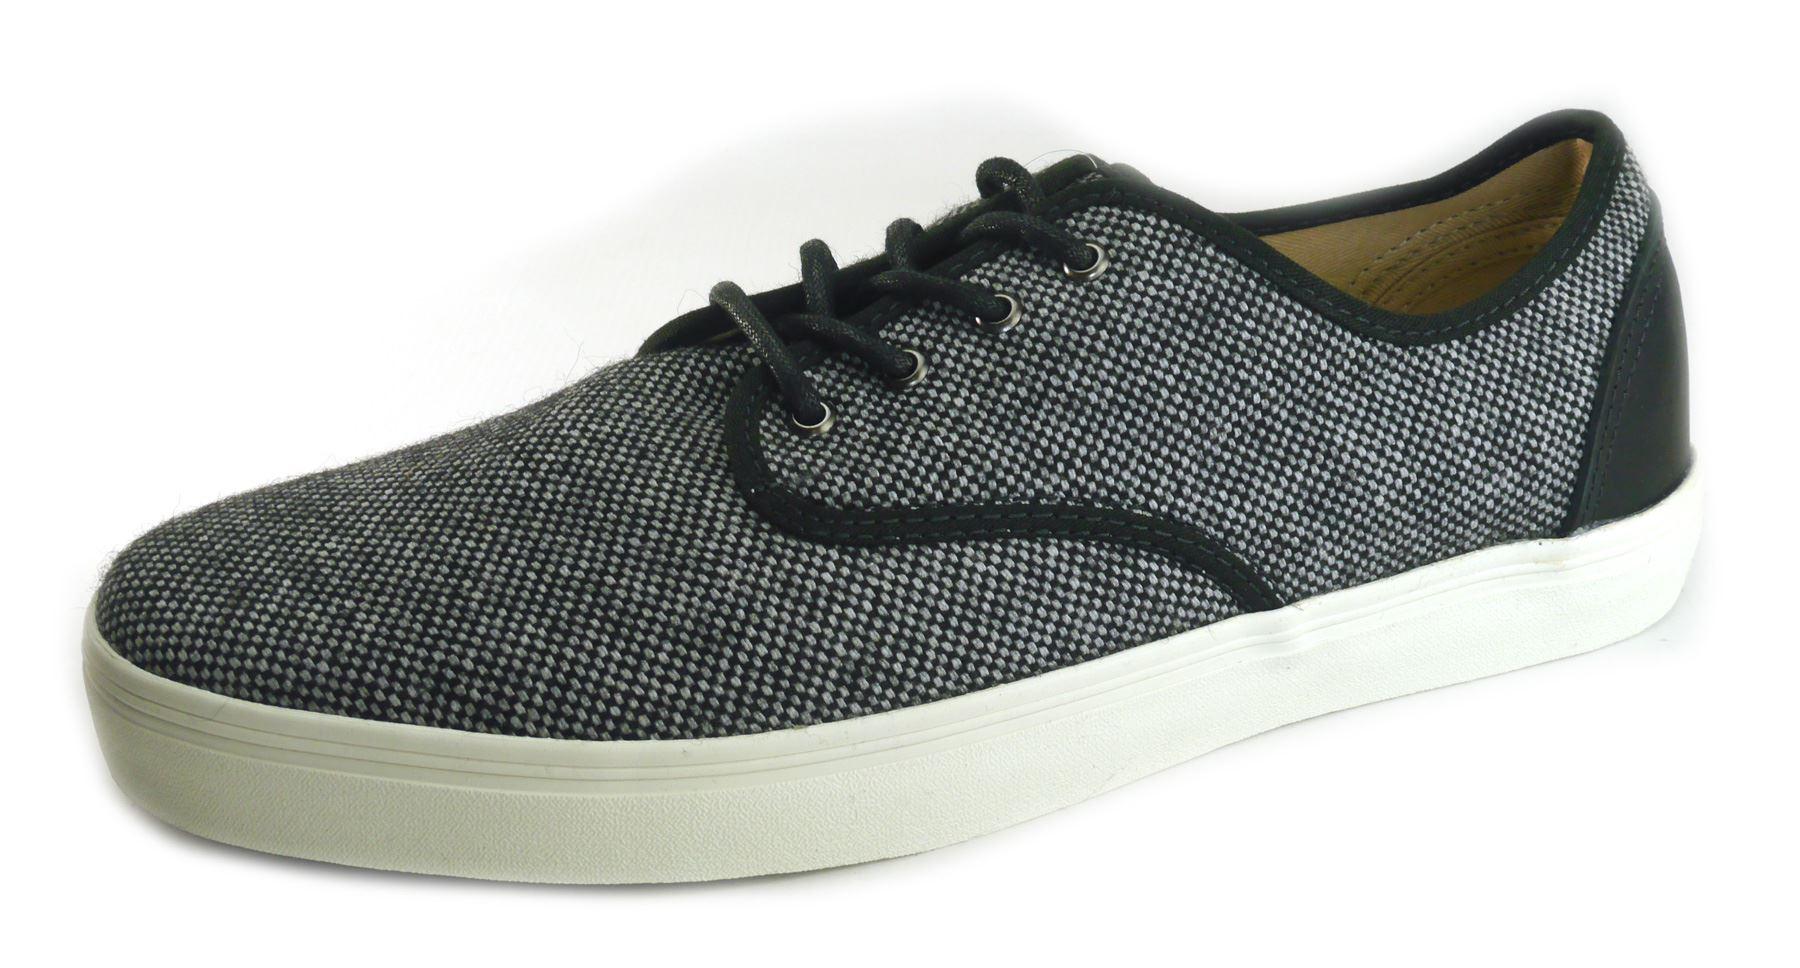 Chaussures D'été Gris Détails Sur Vans Décontracté Tweed Toile En nN8mw0